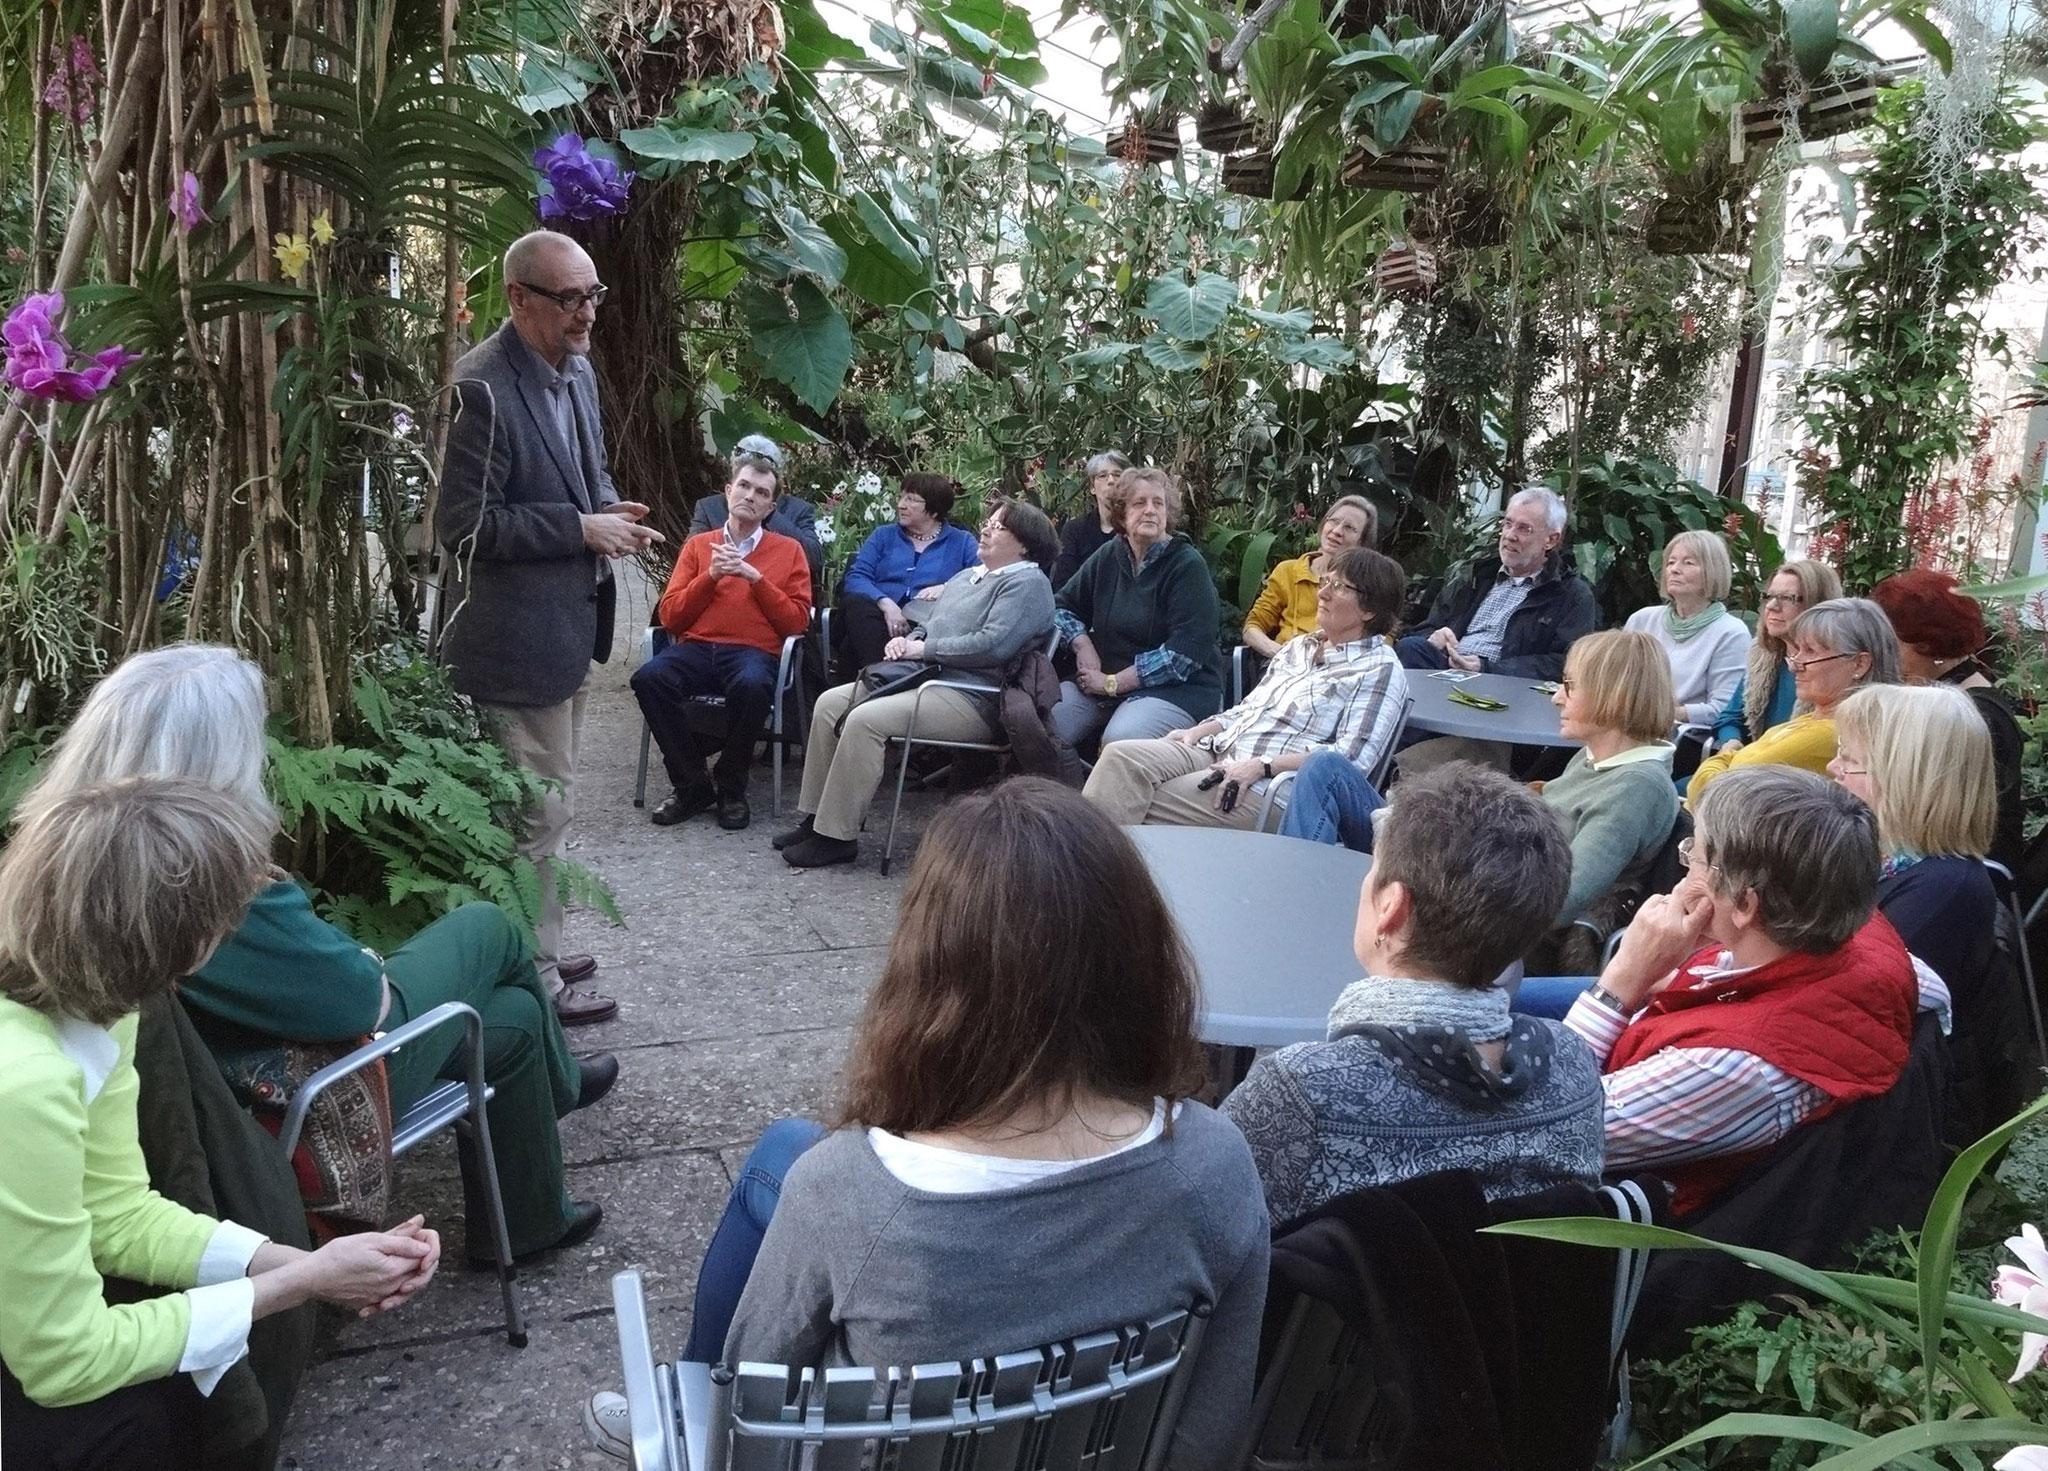 Ronald Clark, Direktor der Herrenhäuser Gärten, stimmt die Gartenlotsen auf die kommende Saison ein (3)